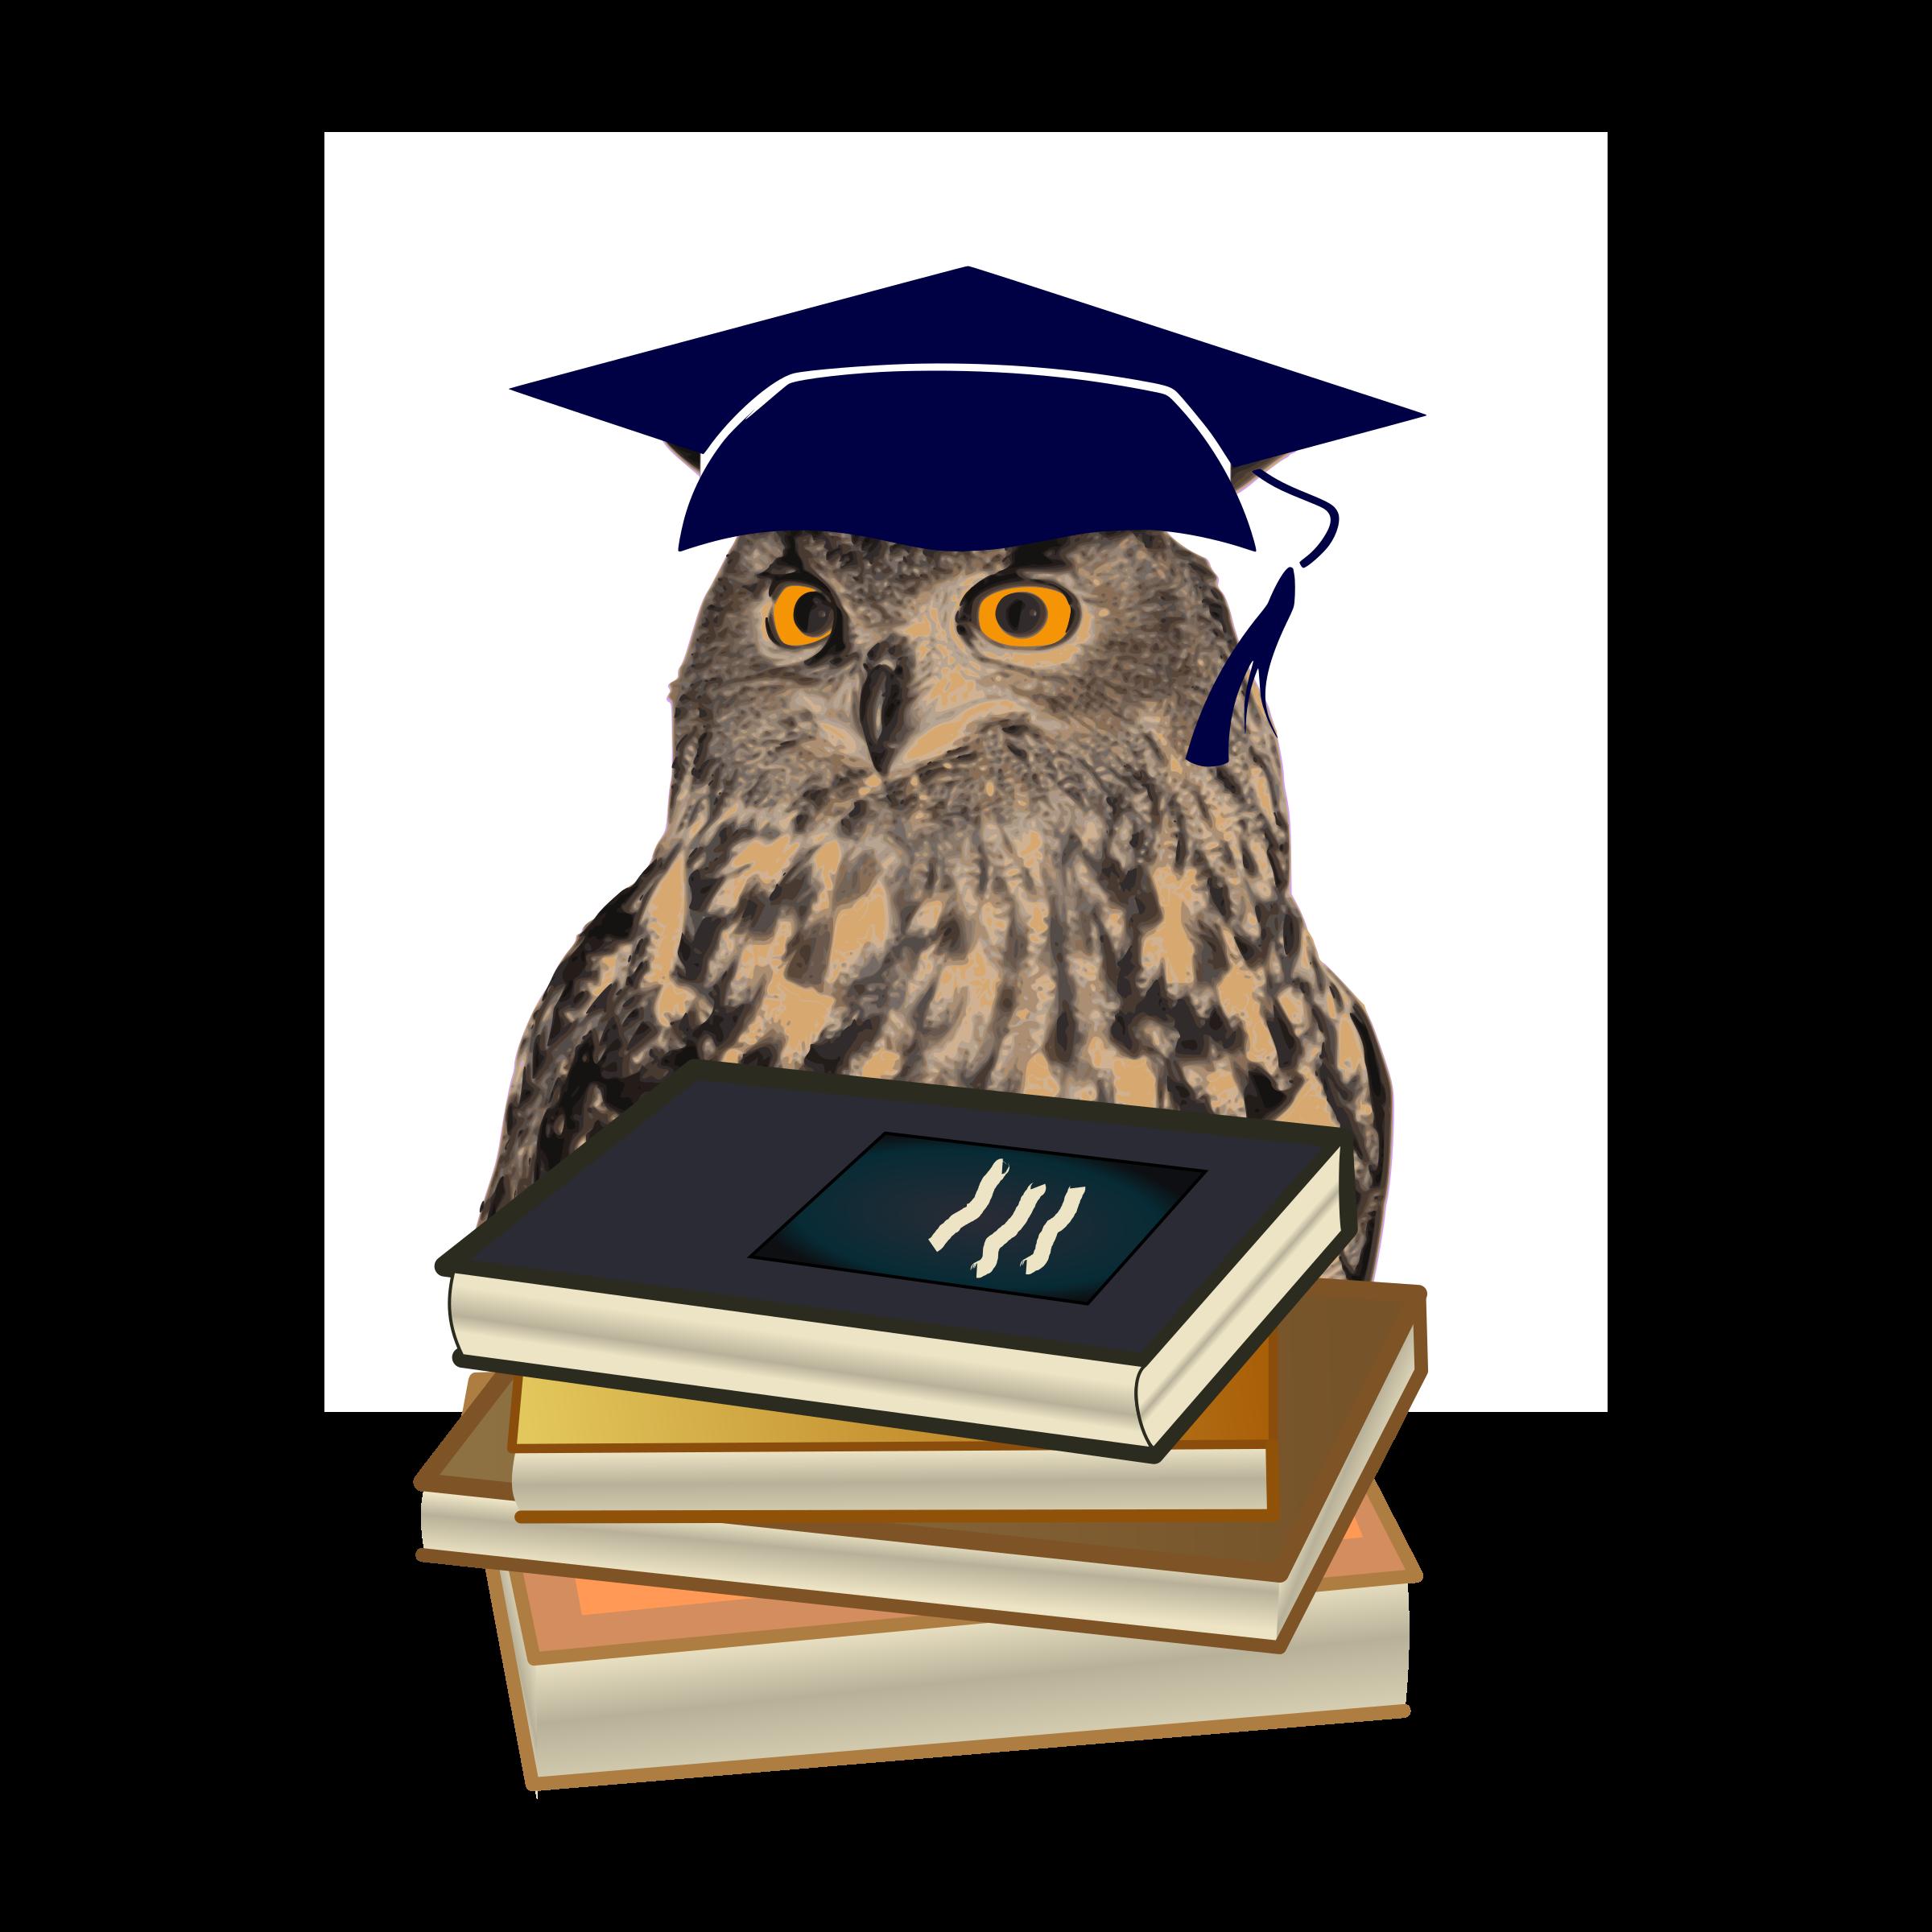 image free Wisdom clipart. Owl as symbol big